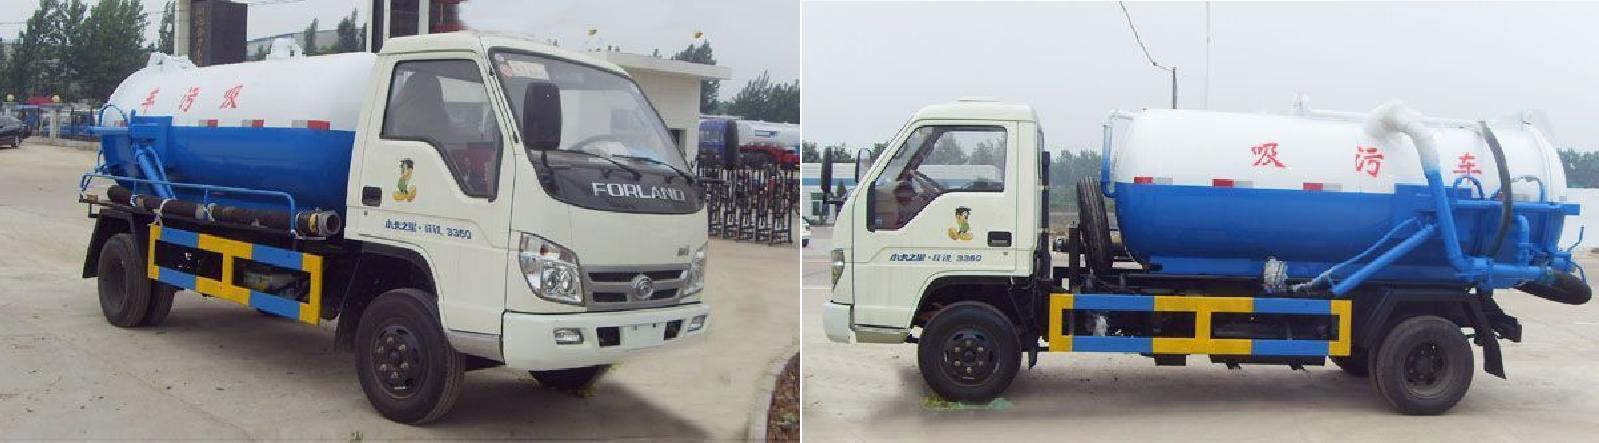 福田轻型吸污车